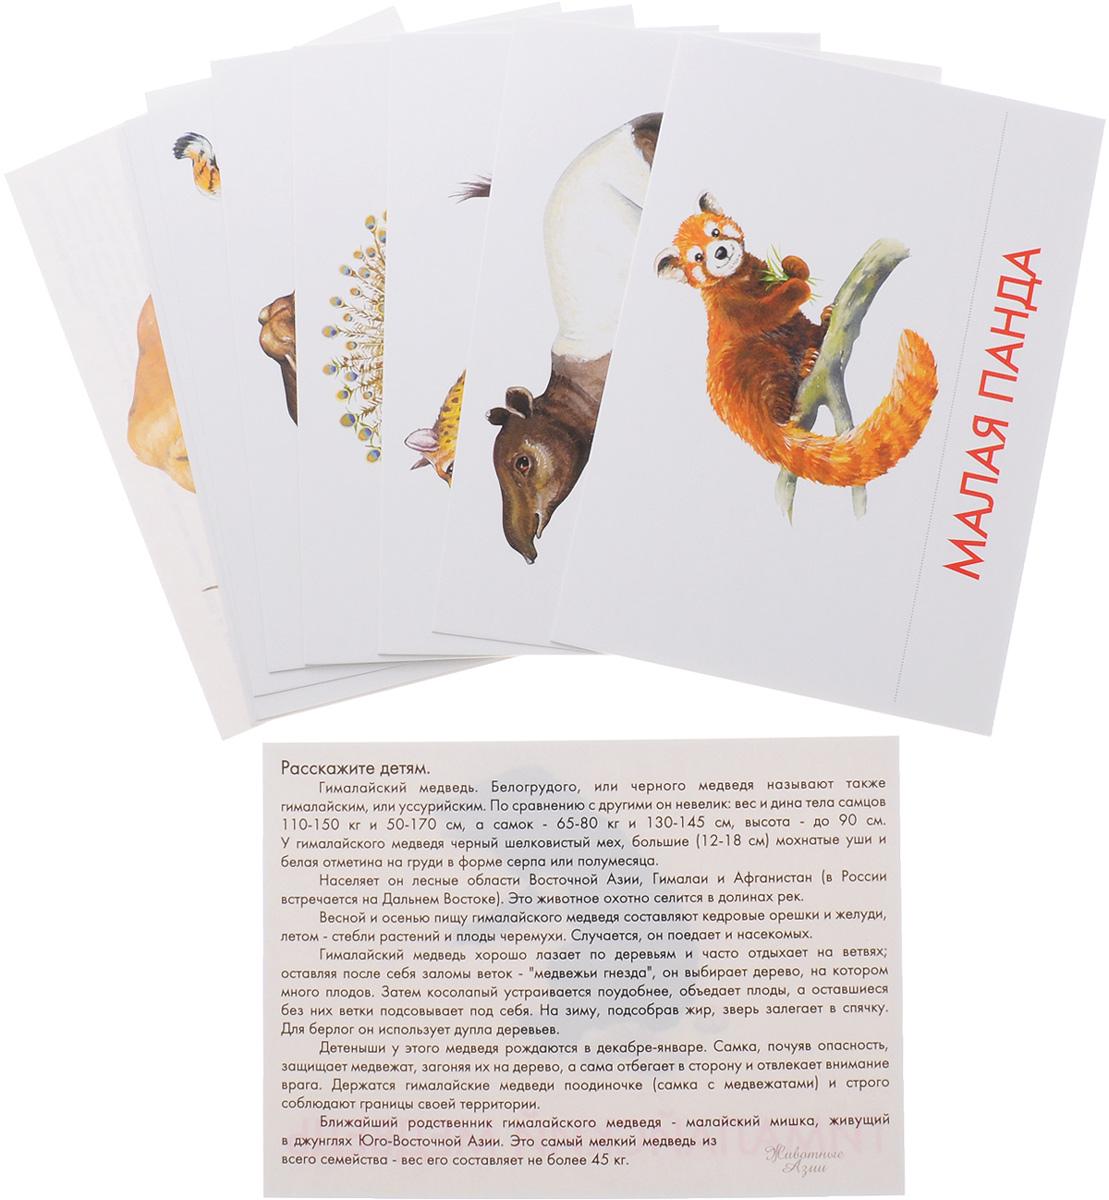 Маленький гений-Пресс Обучающие карточки Животные Азии